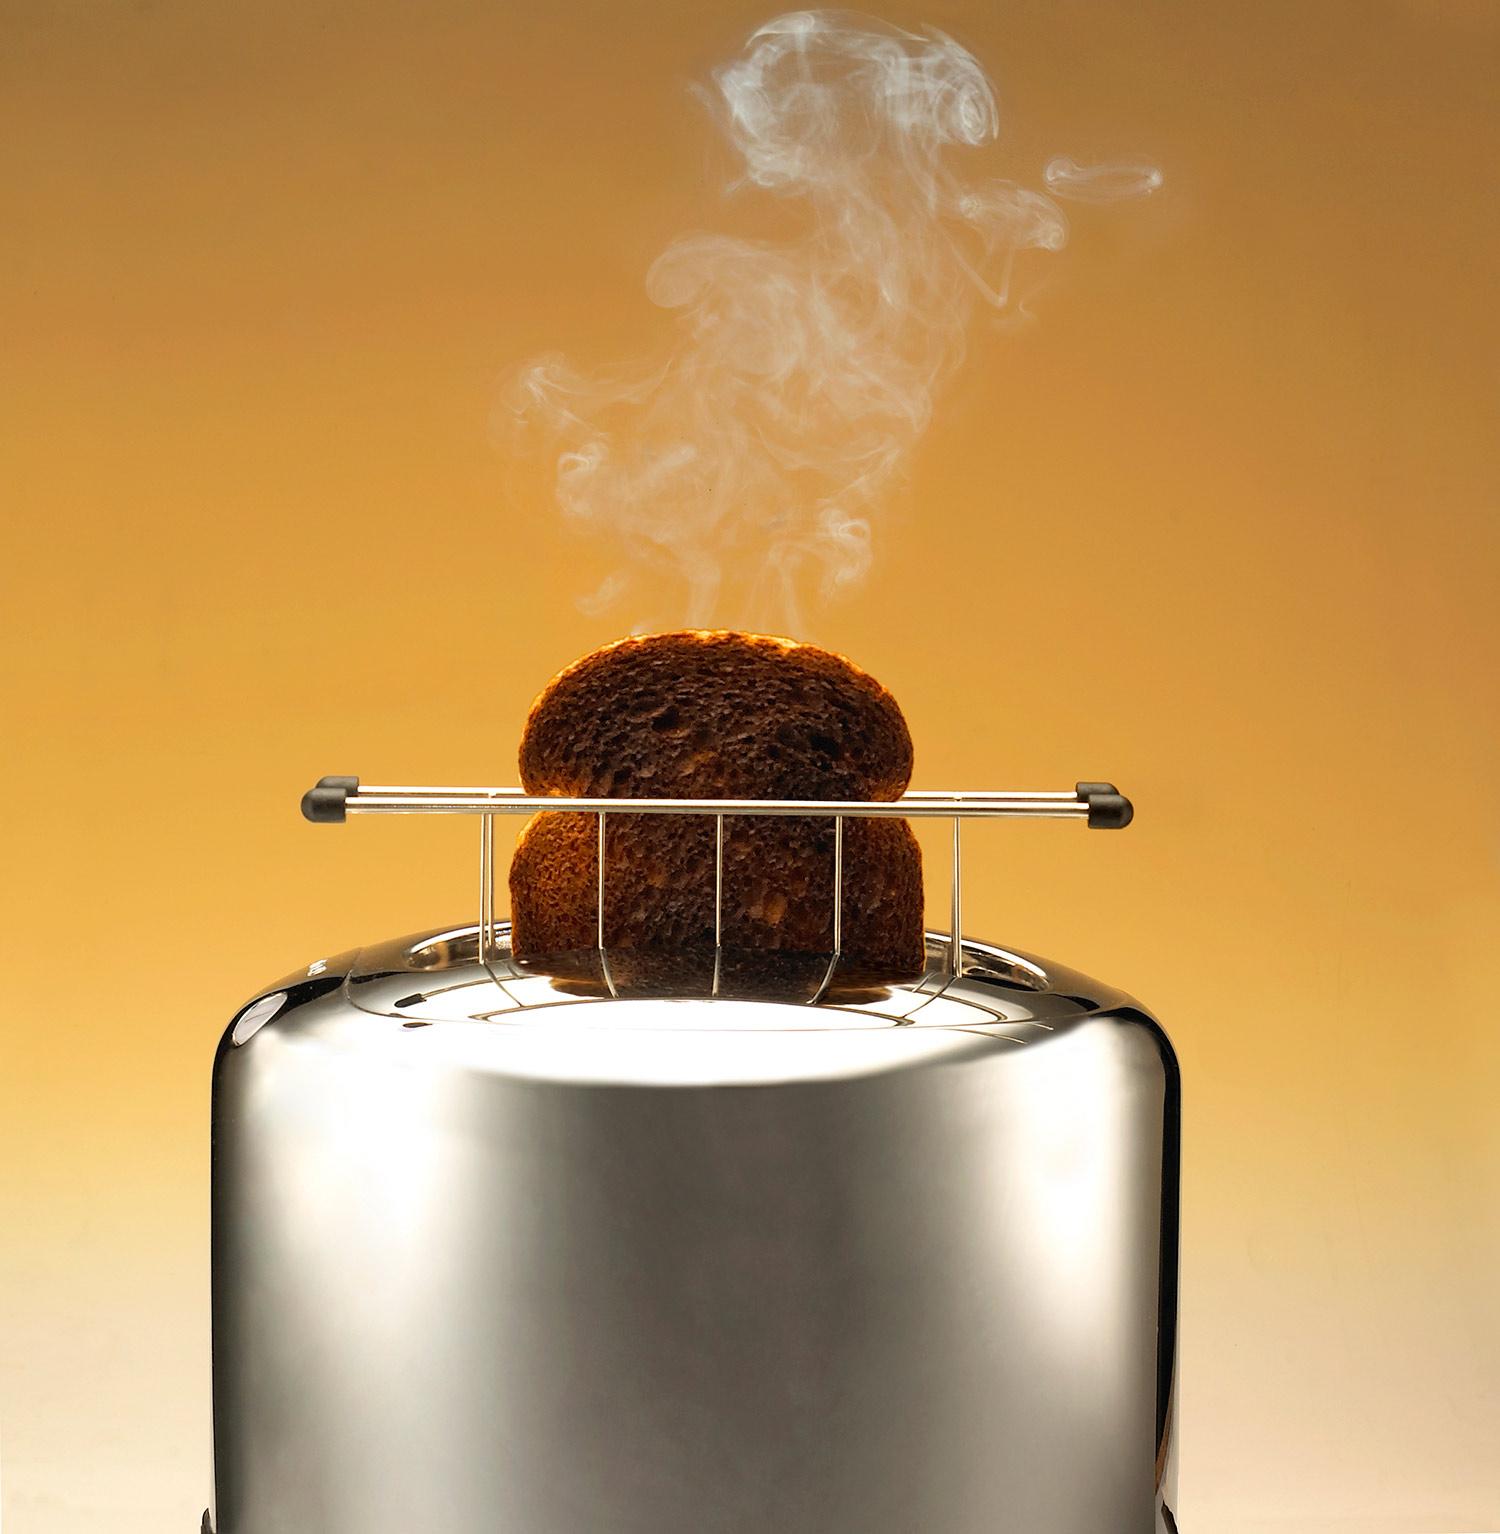 toaster-1-83195